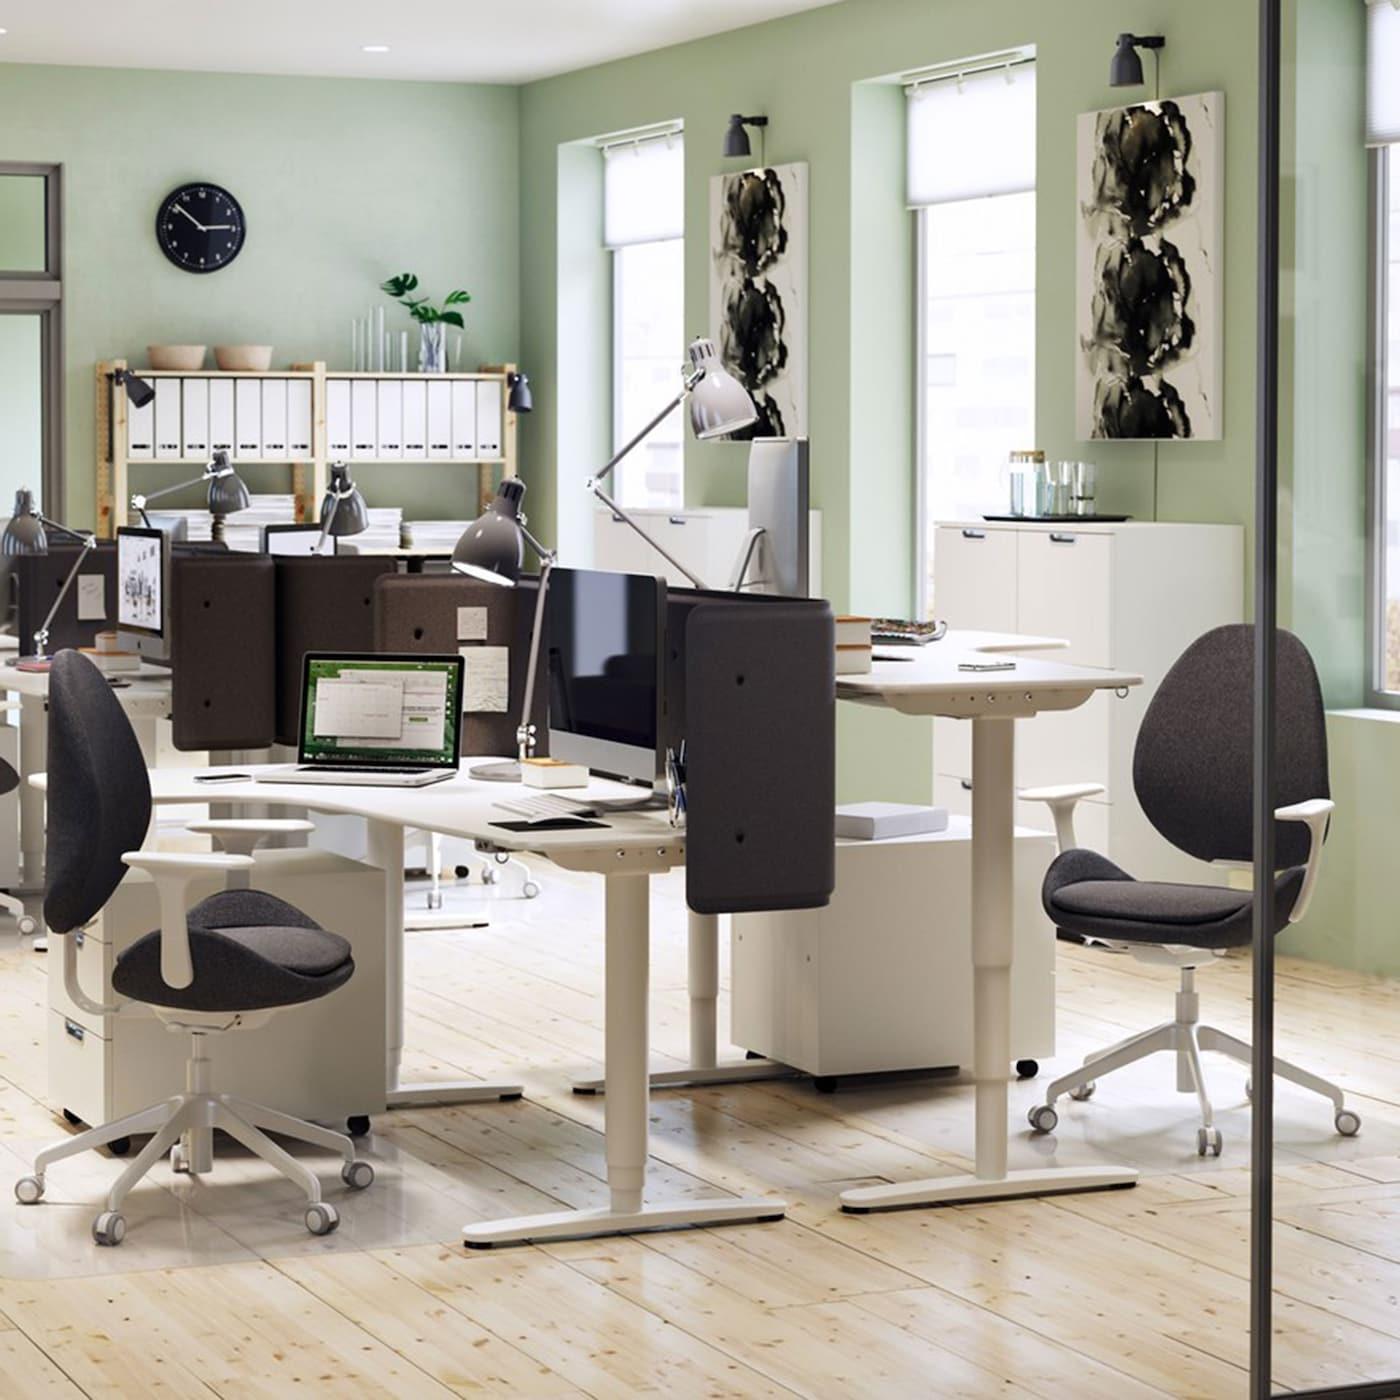 Ein Großraumbüro mit BEKANT Ecktischen zum Sitzen und Stehen in weiß.